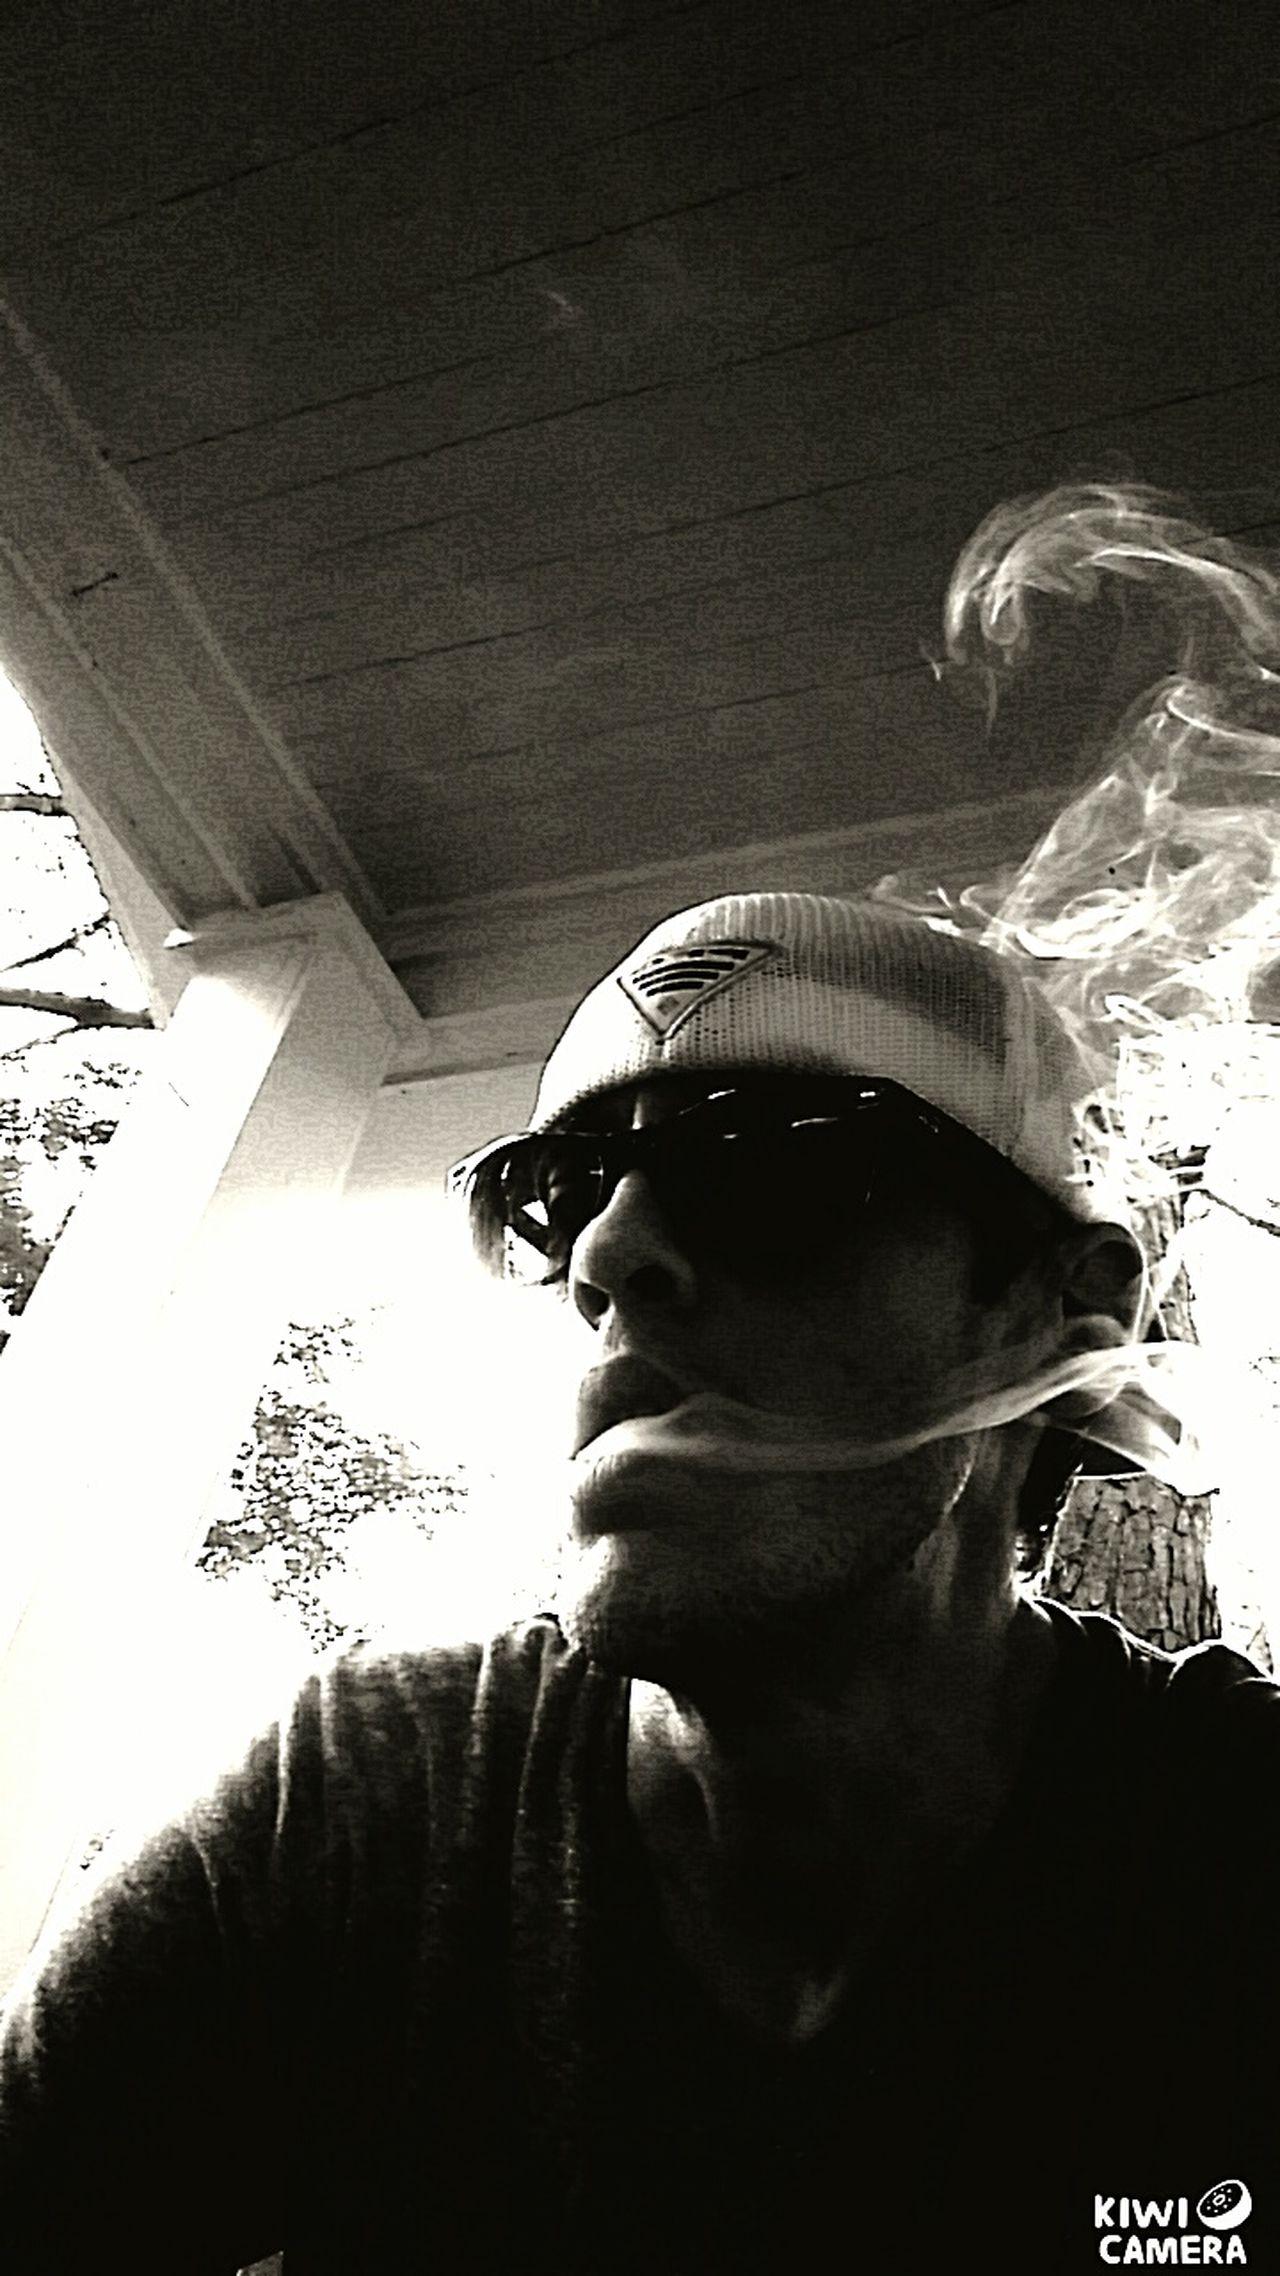 Relaxing 420 Smoker 420 Weed Life Blazing Smokeweedeveryday Abstract Mafia Studio Blackandwhite 420life